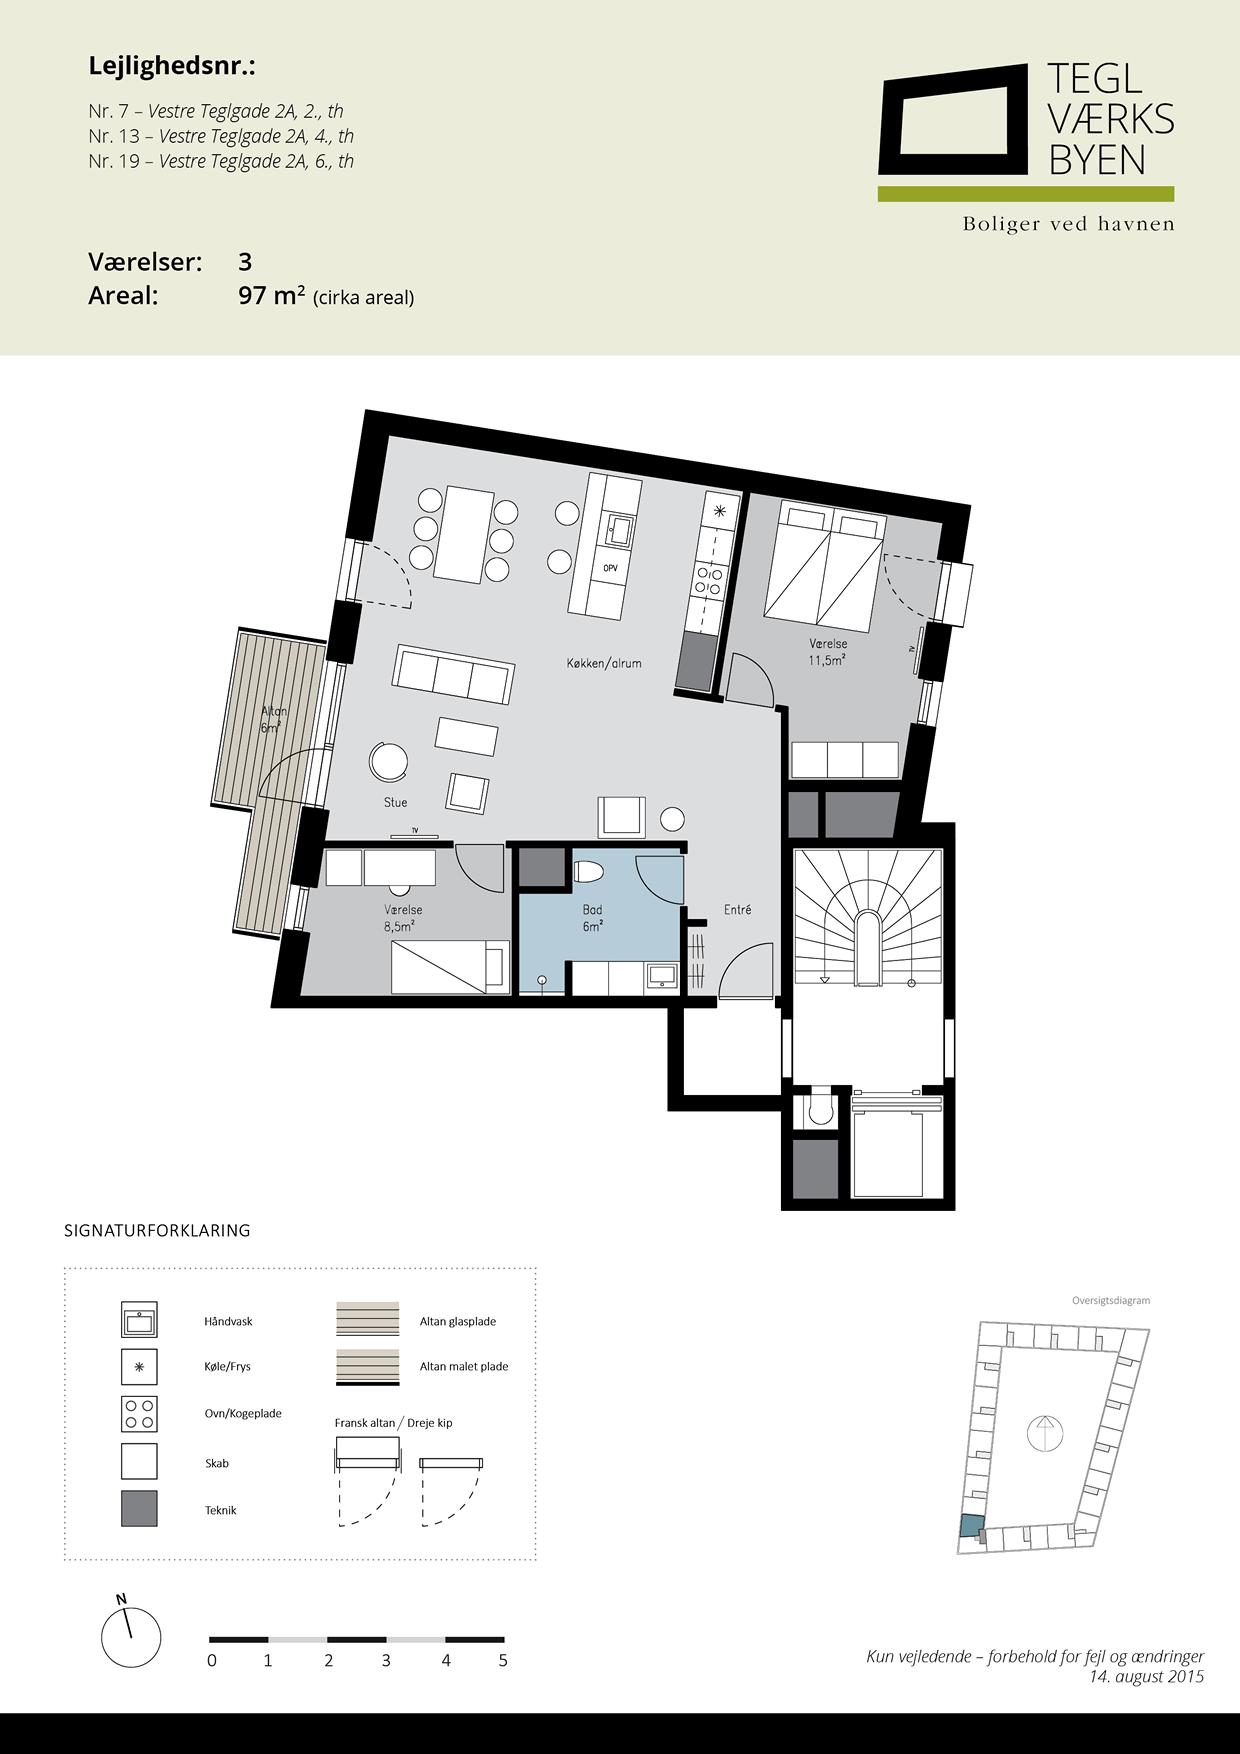 Teglvaerksbyen_7-13-19_plan